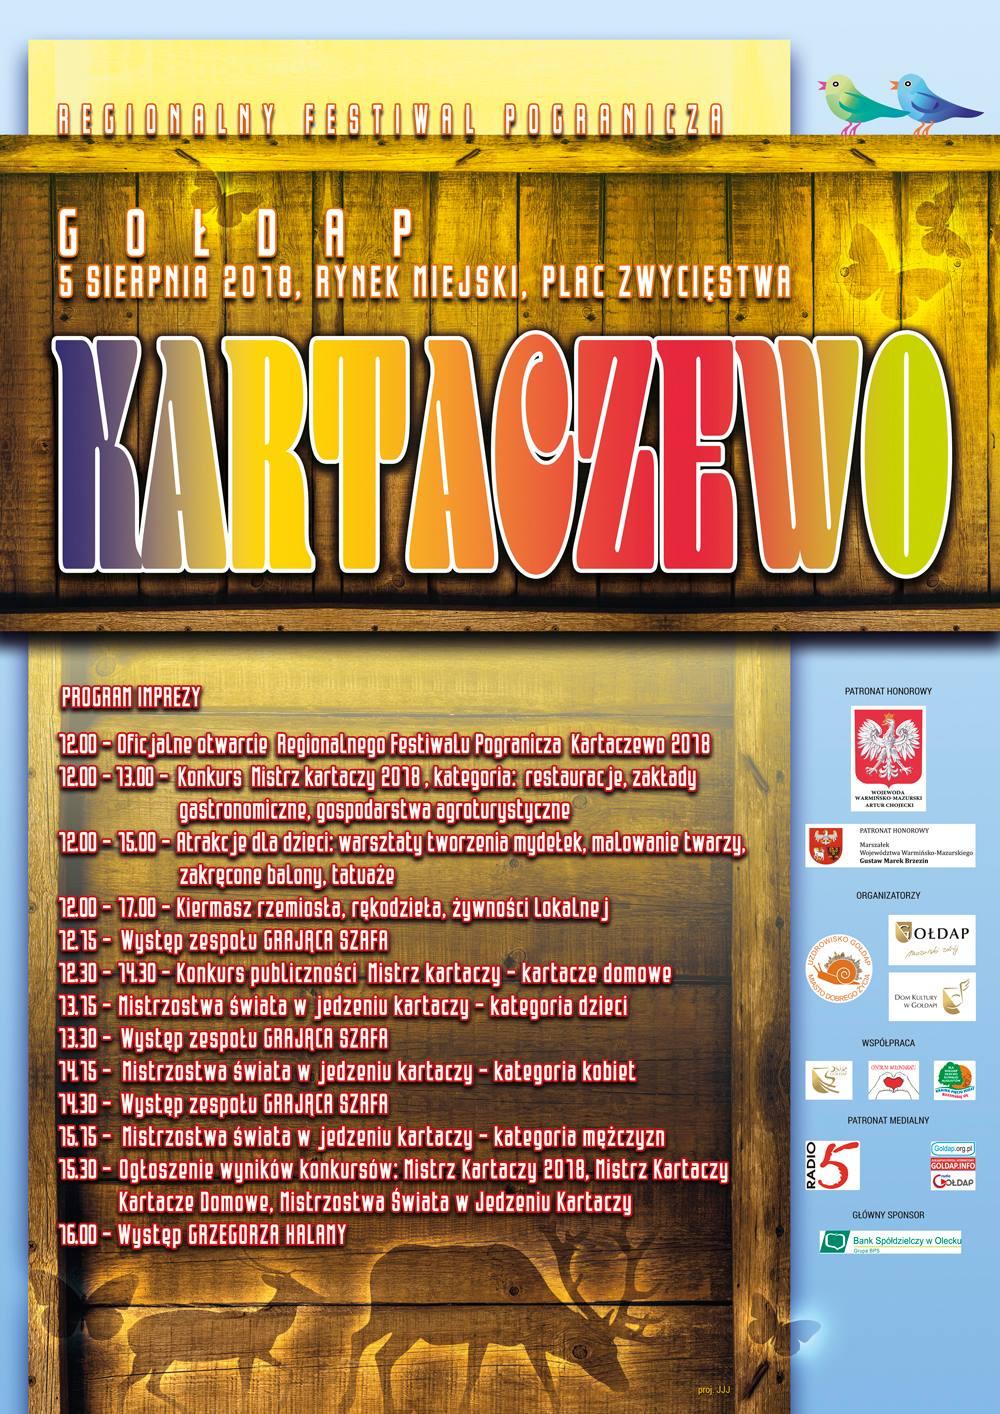 Kartaczewo - program imprezy